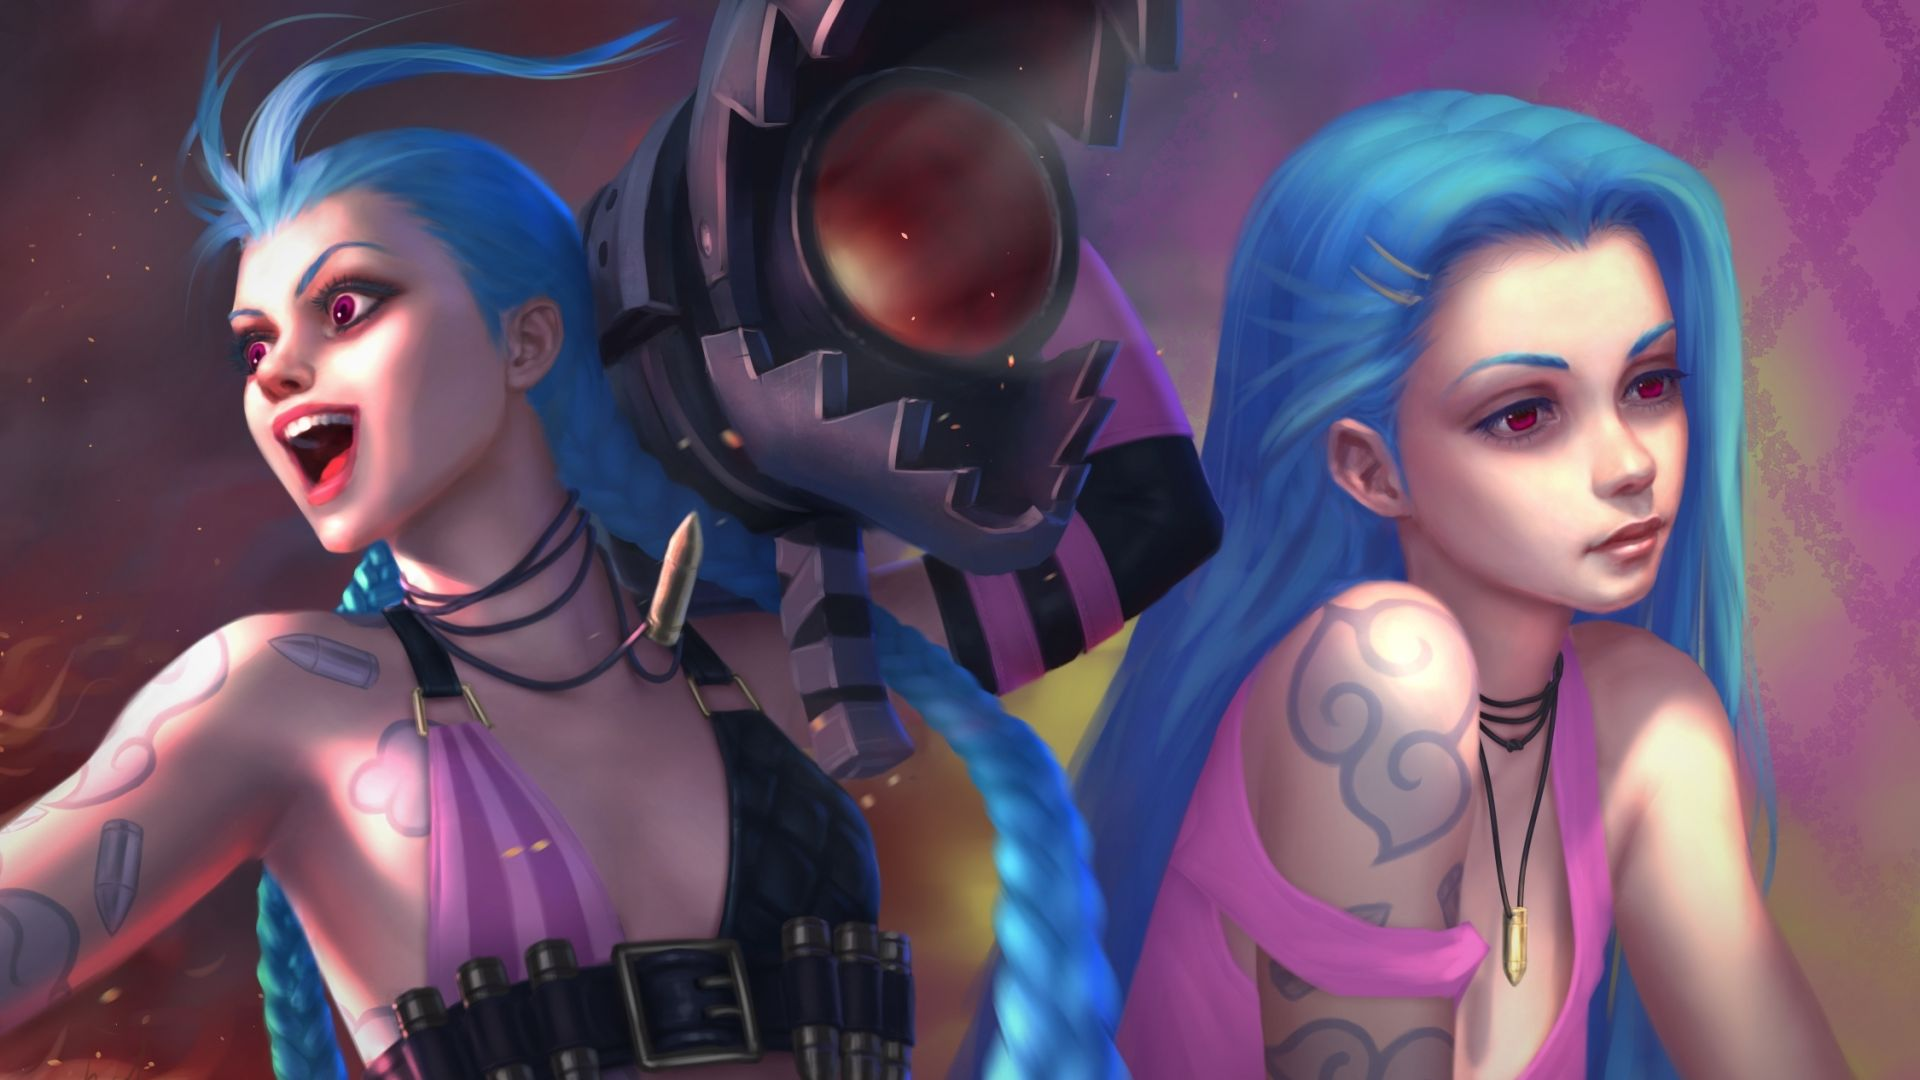 Wallpaper Jinx, blue hair, League of legends, online game, art